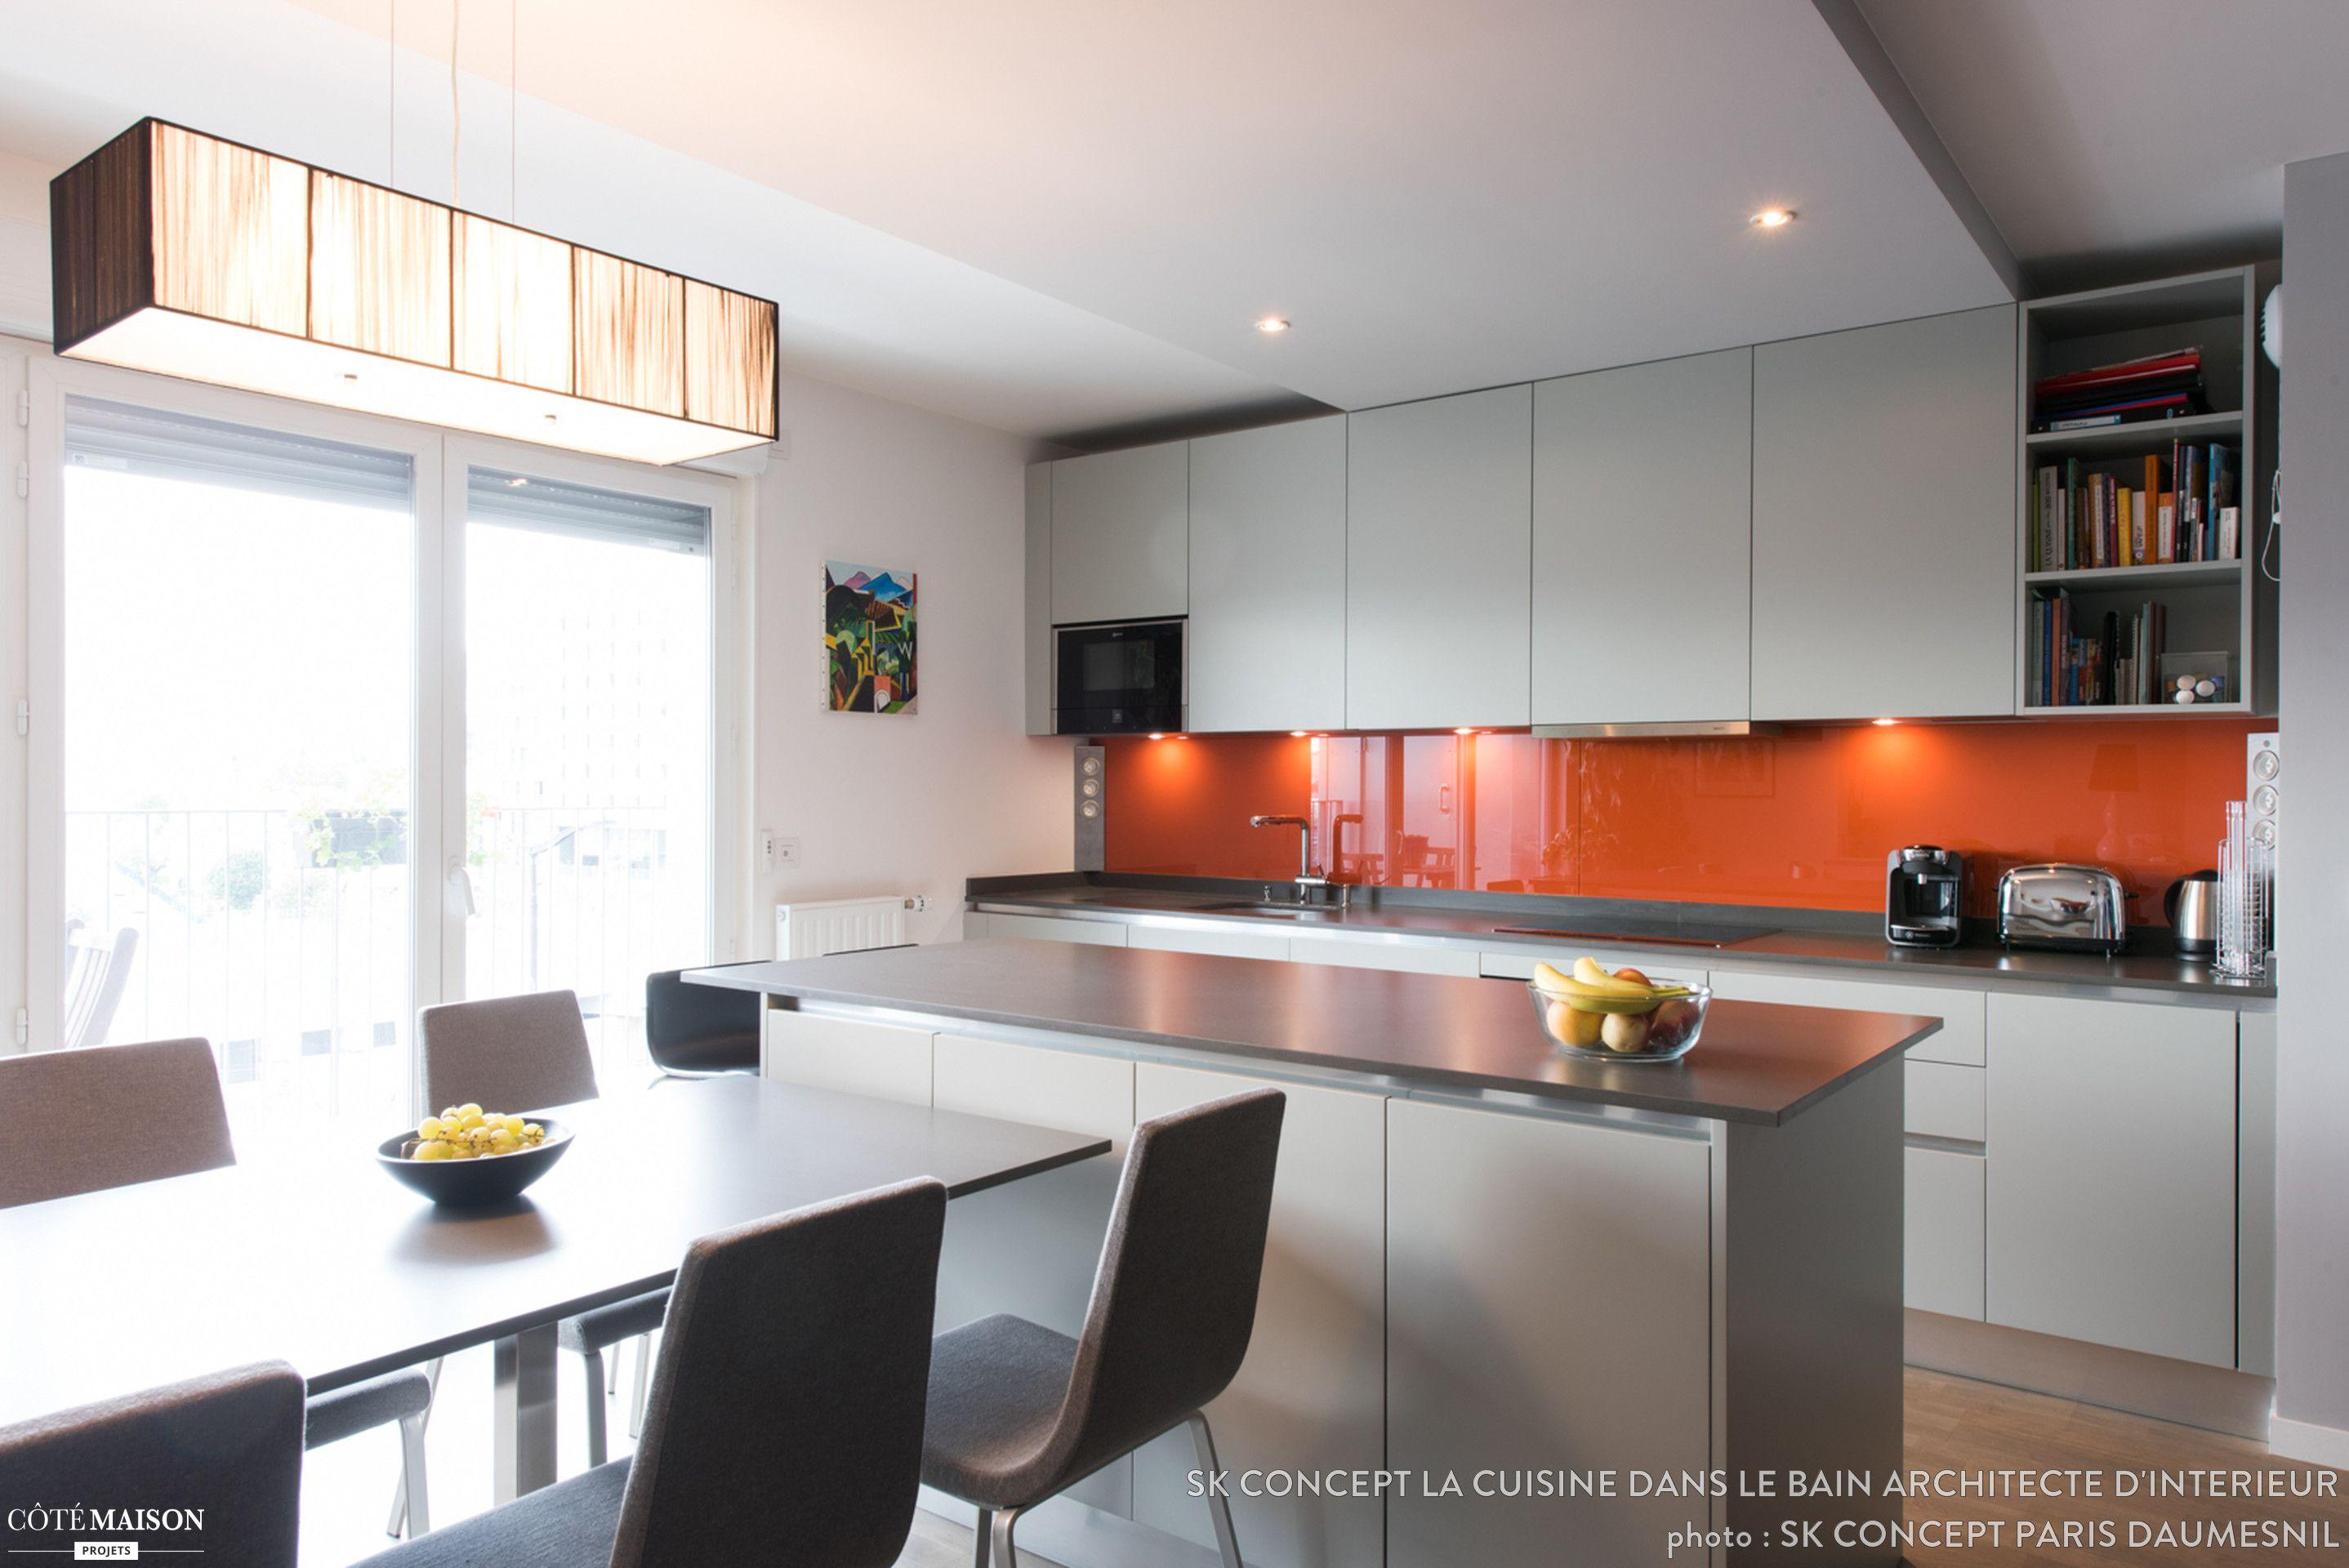 Cet Appartement Neuf Situé Non Loin De La Bibliothèque François Mitterrand,  à été Aménager Par SK Concept La Cuisine Dans Le Bain, Création Du0027une  Cuisine ...